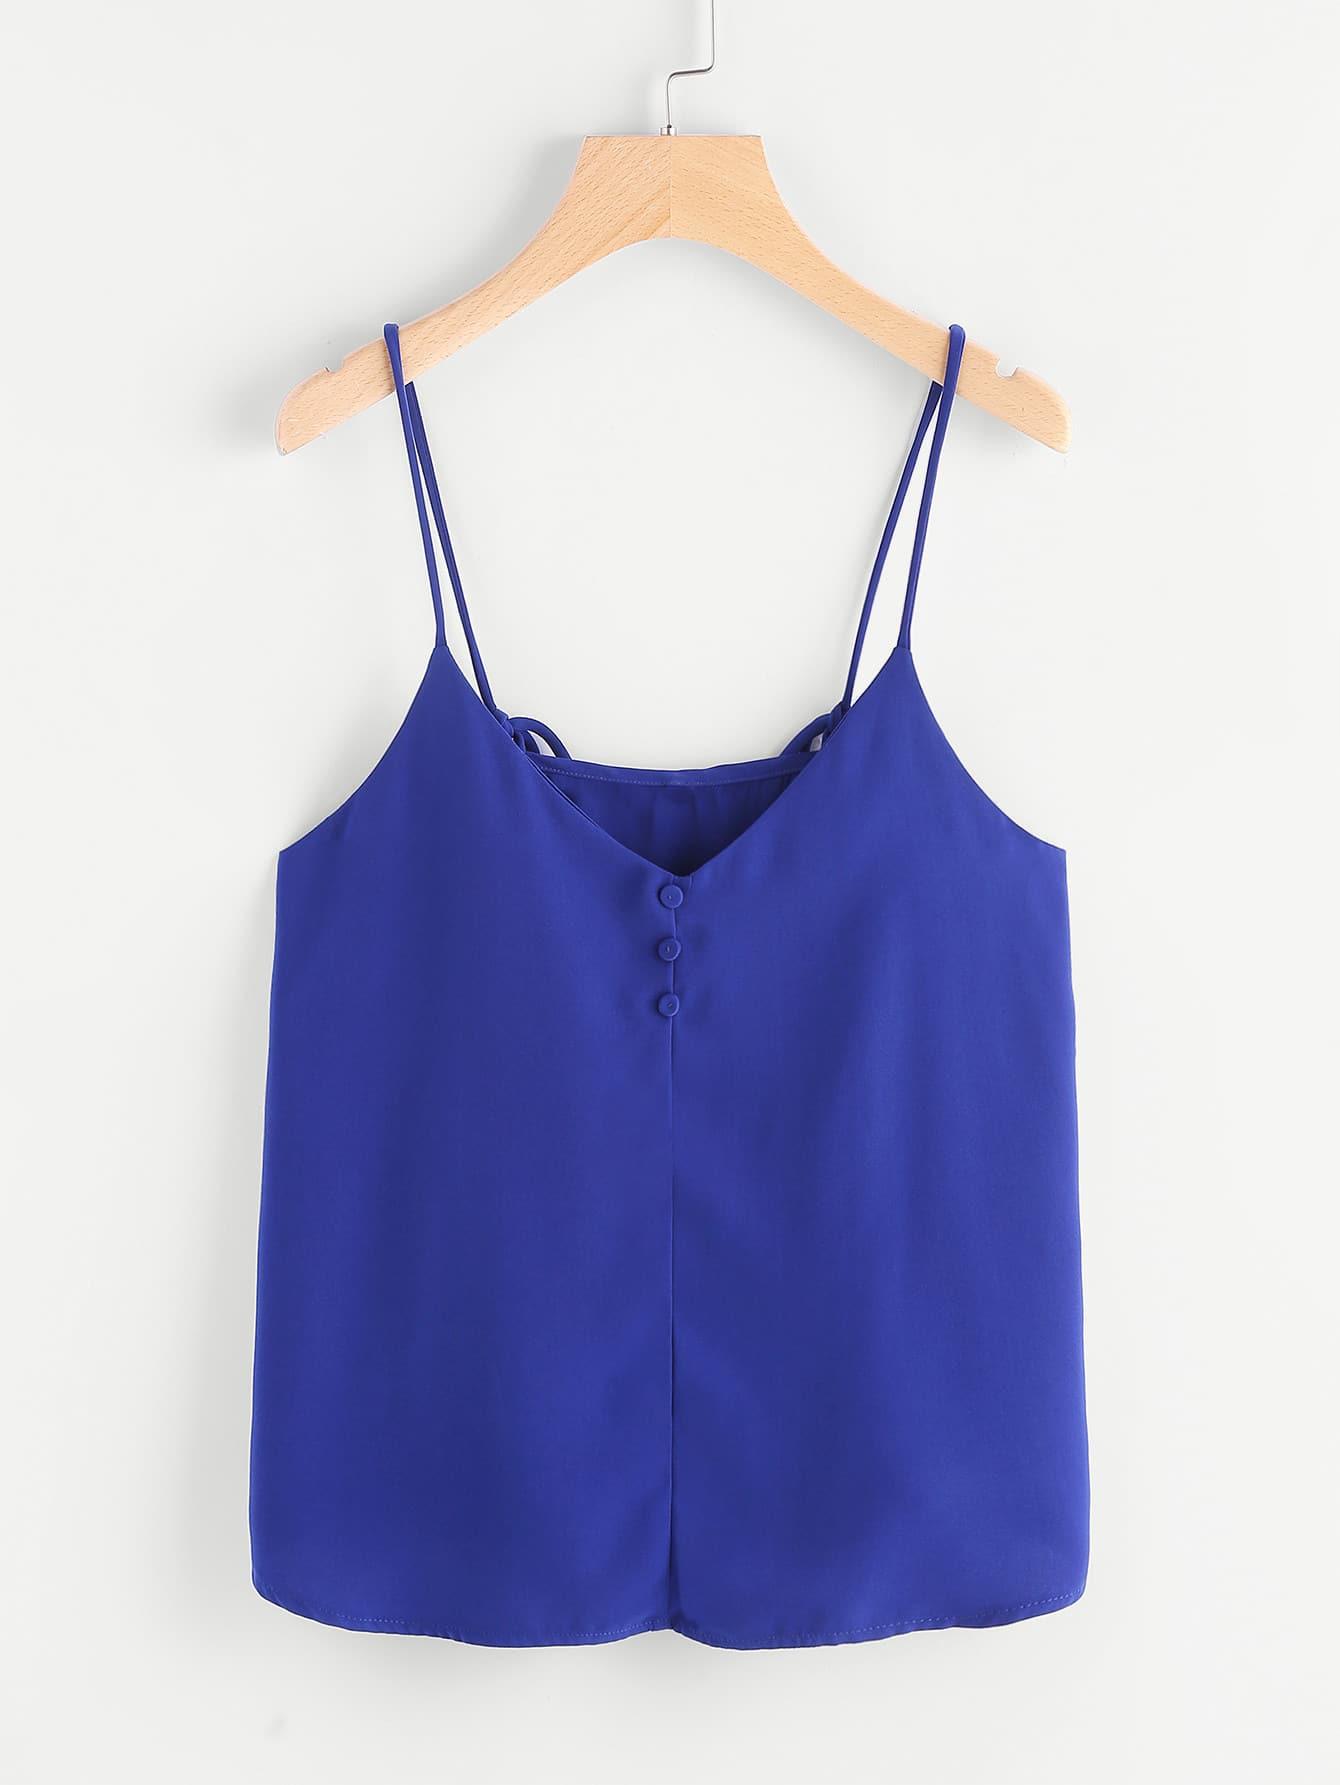 Buttoned Front Crisscross Cami Top vest170404451